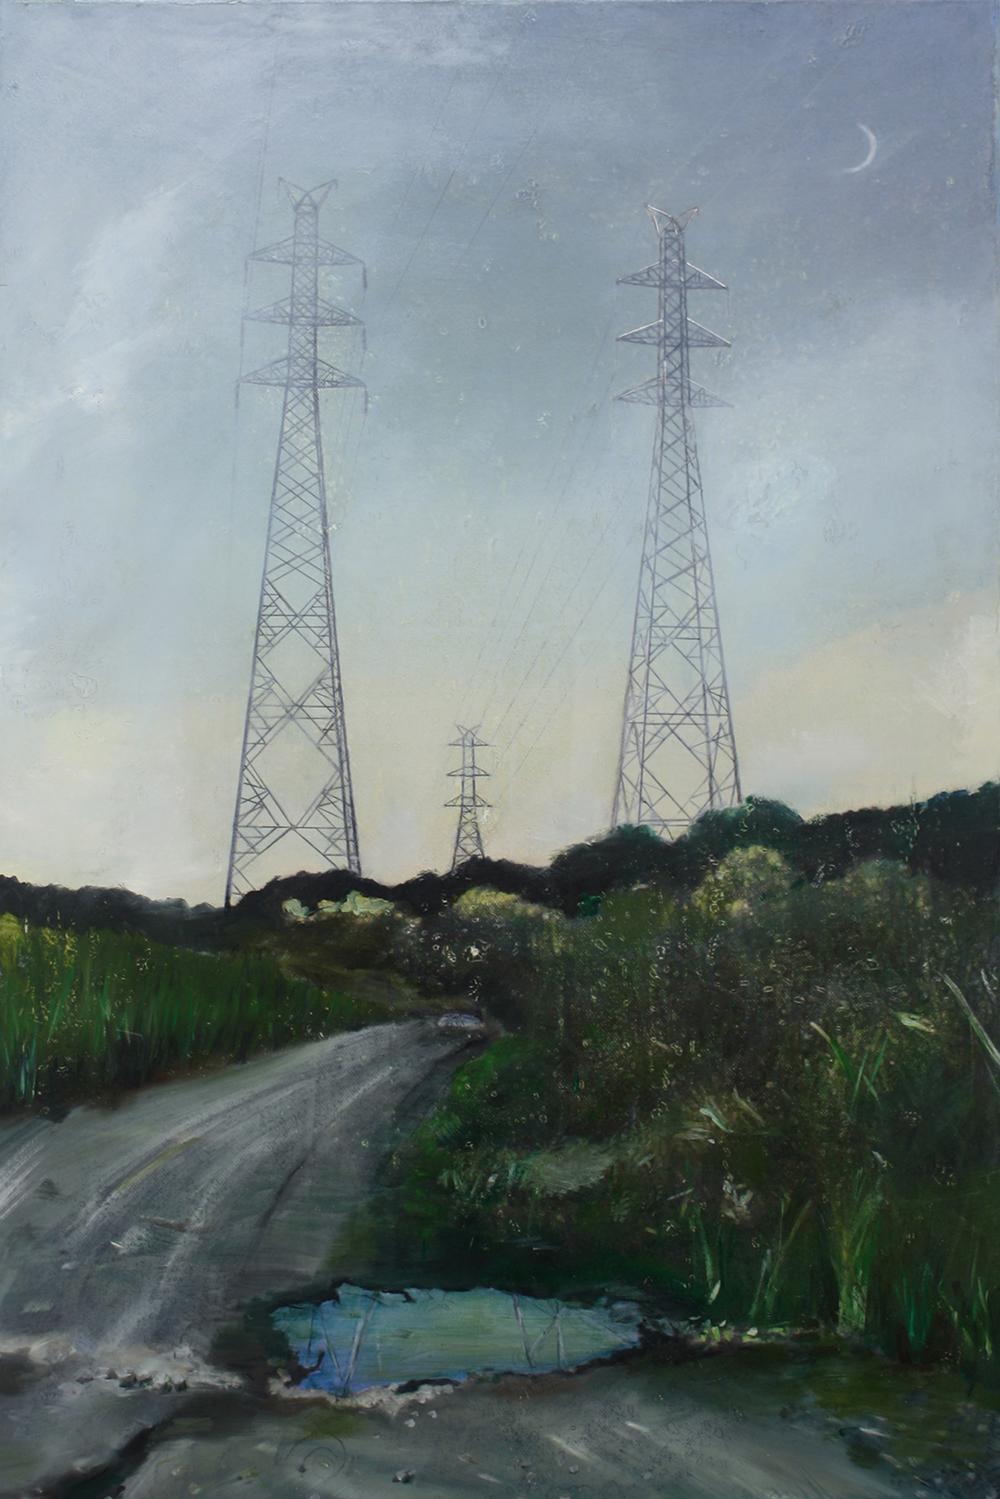 Edgeland 6   2012, oil on linen  50 x 76 cm